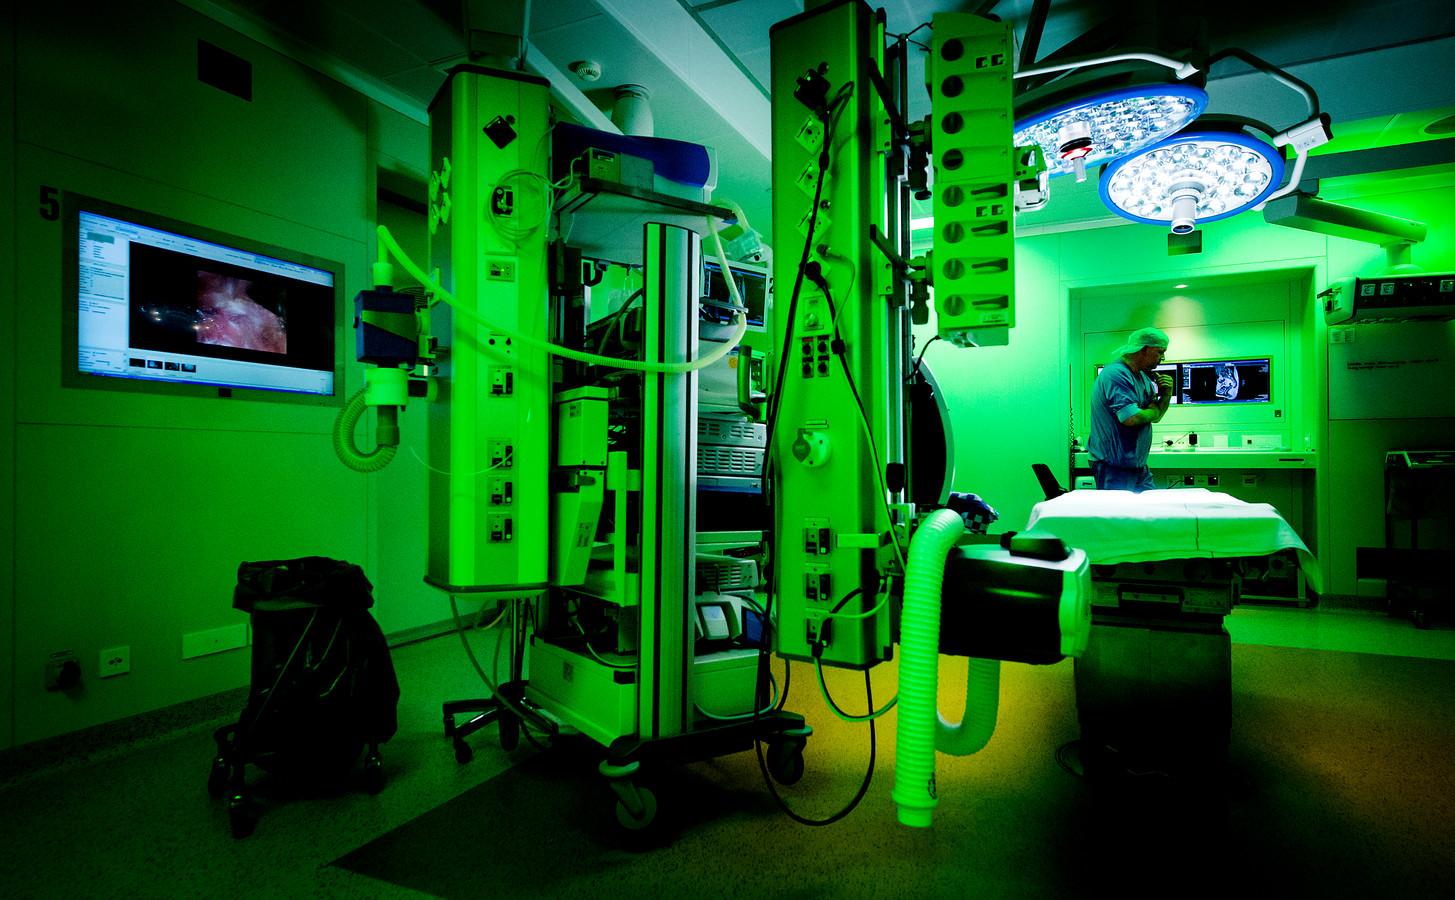 De operatiekamer van een Nederlands ziekenhuis. Foto ter illustratie.